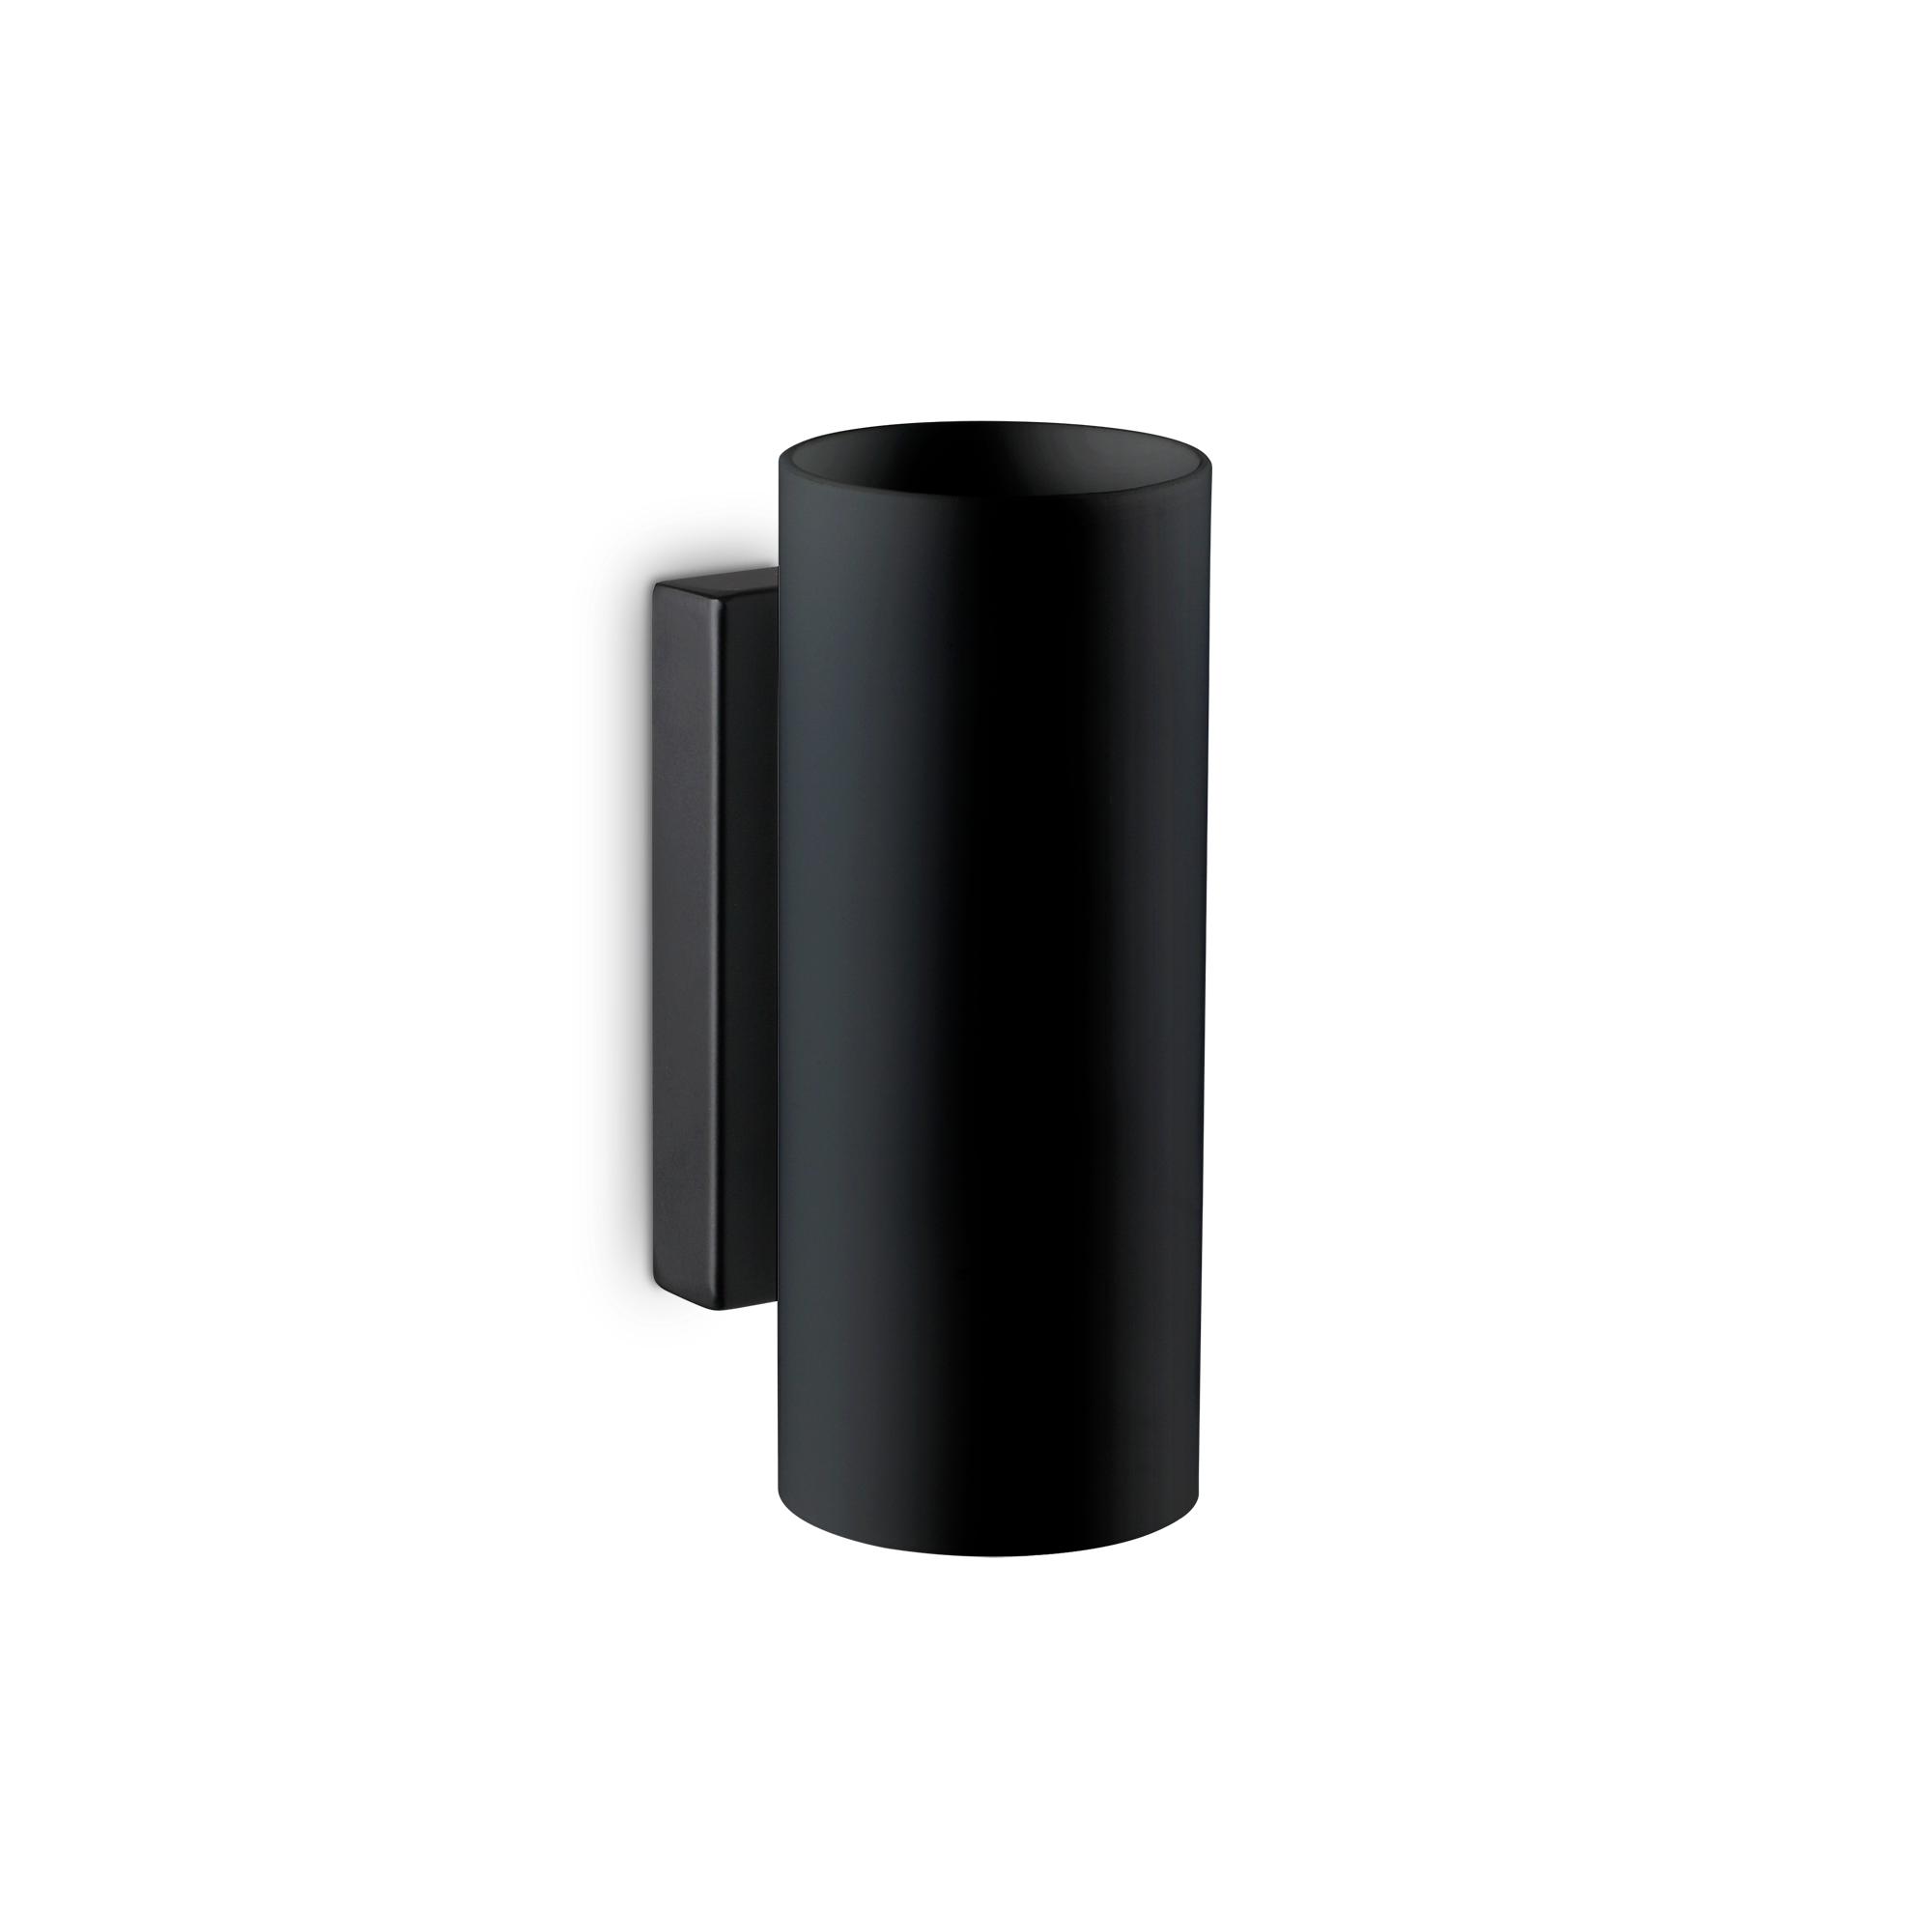 Светильник Ideal Lux Paul AP2 Round 231105, G9x80W, черный, металл, стекло - фото 1